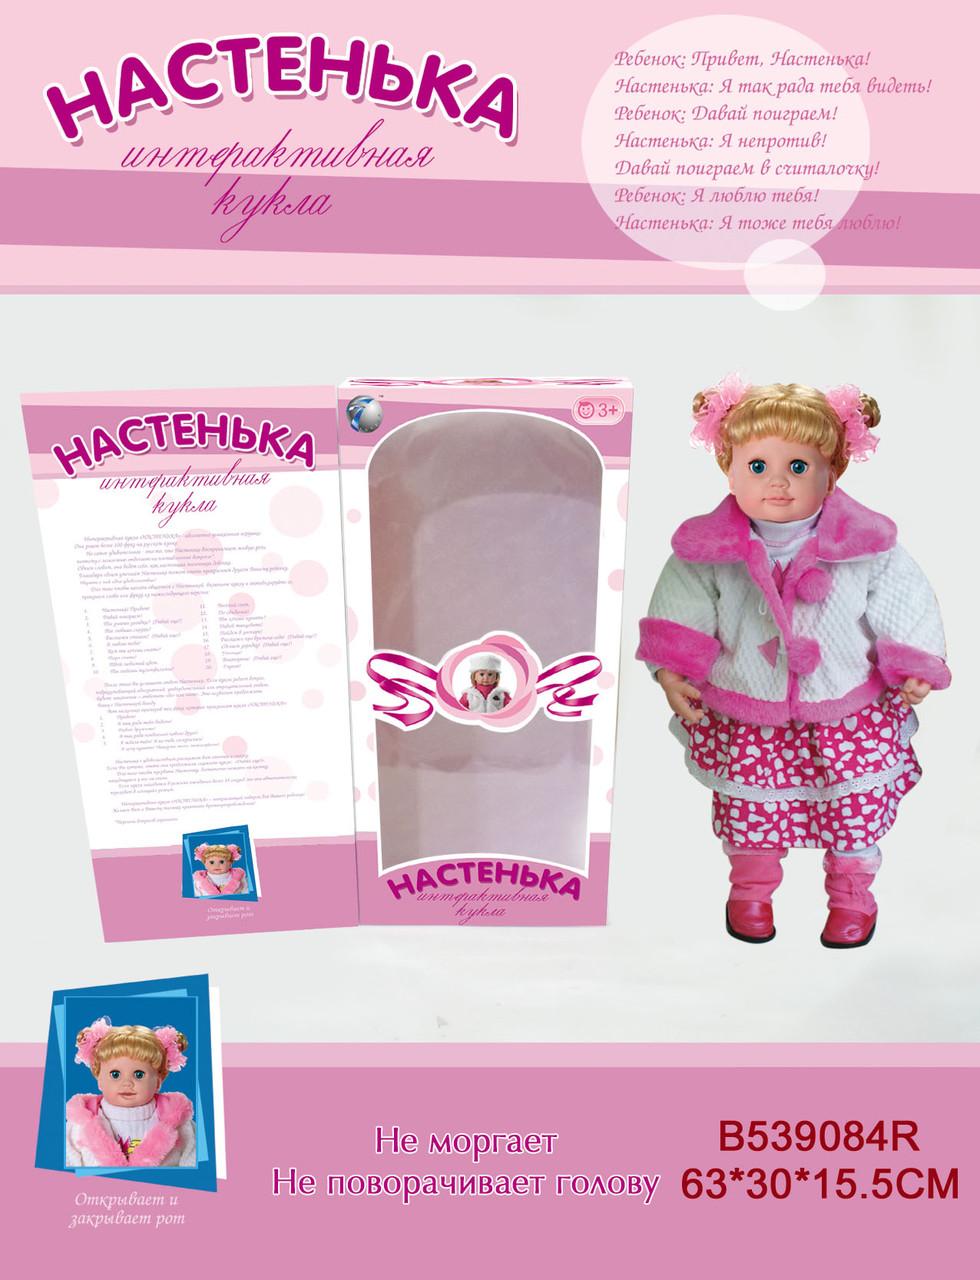 Кукла Настя интерактивная